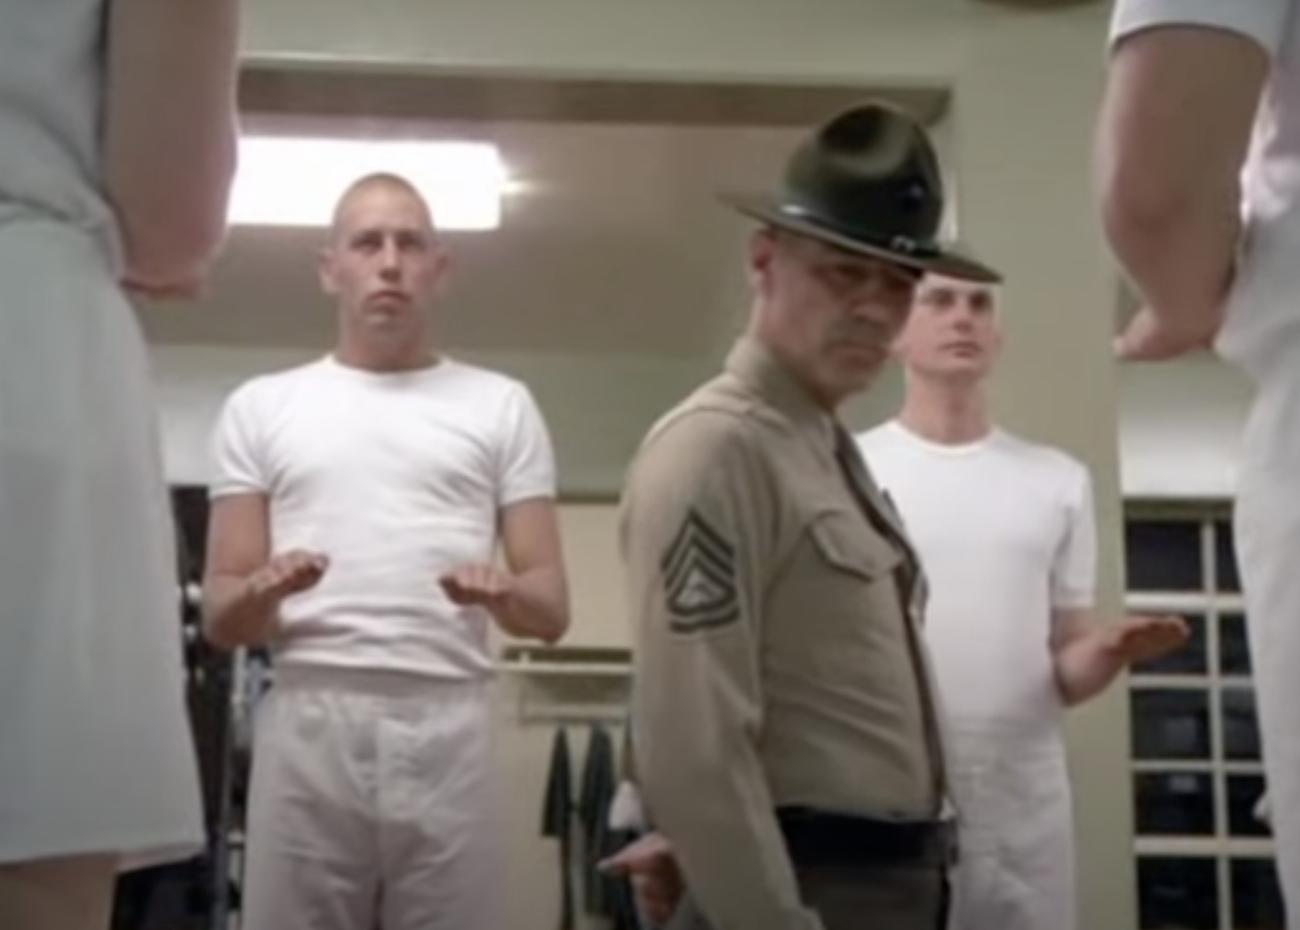 13 πολεμικές ταινίες που αξίζει να δεις αυτό το καλοκαίρι